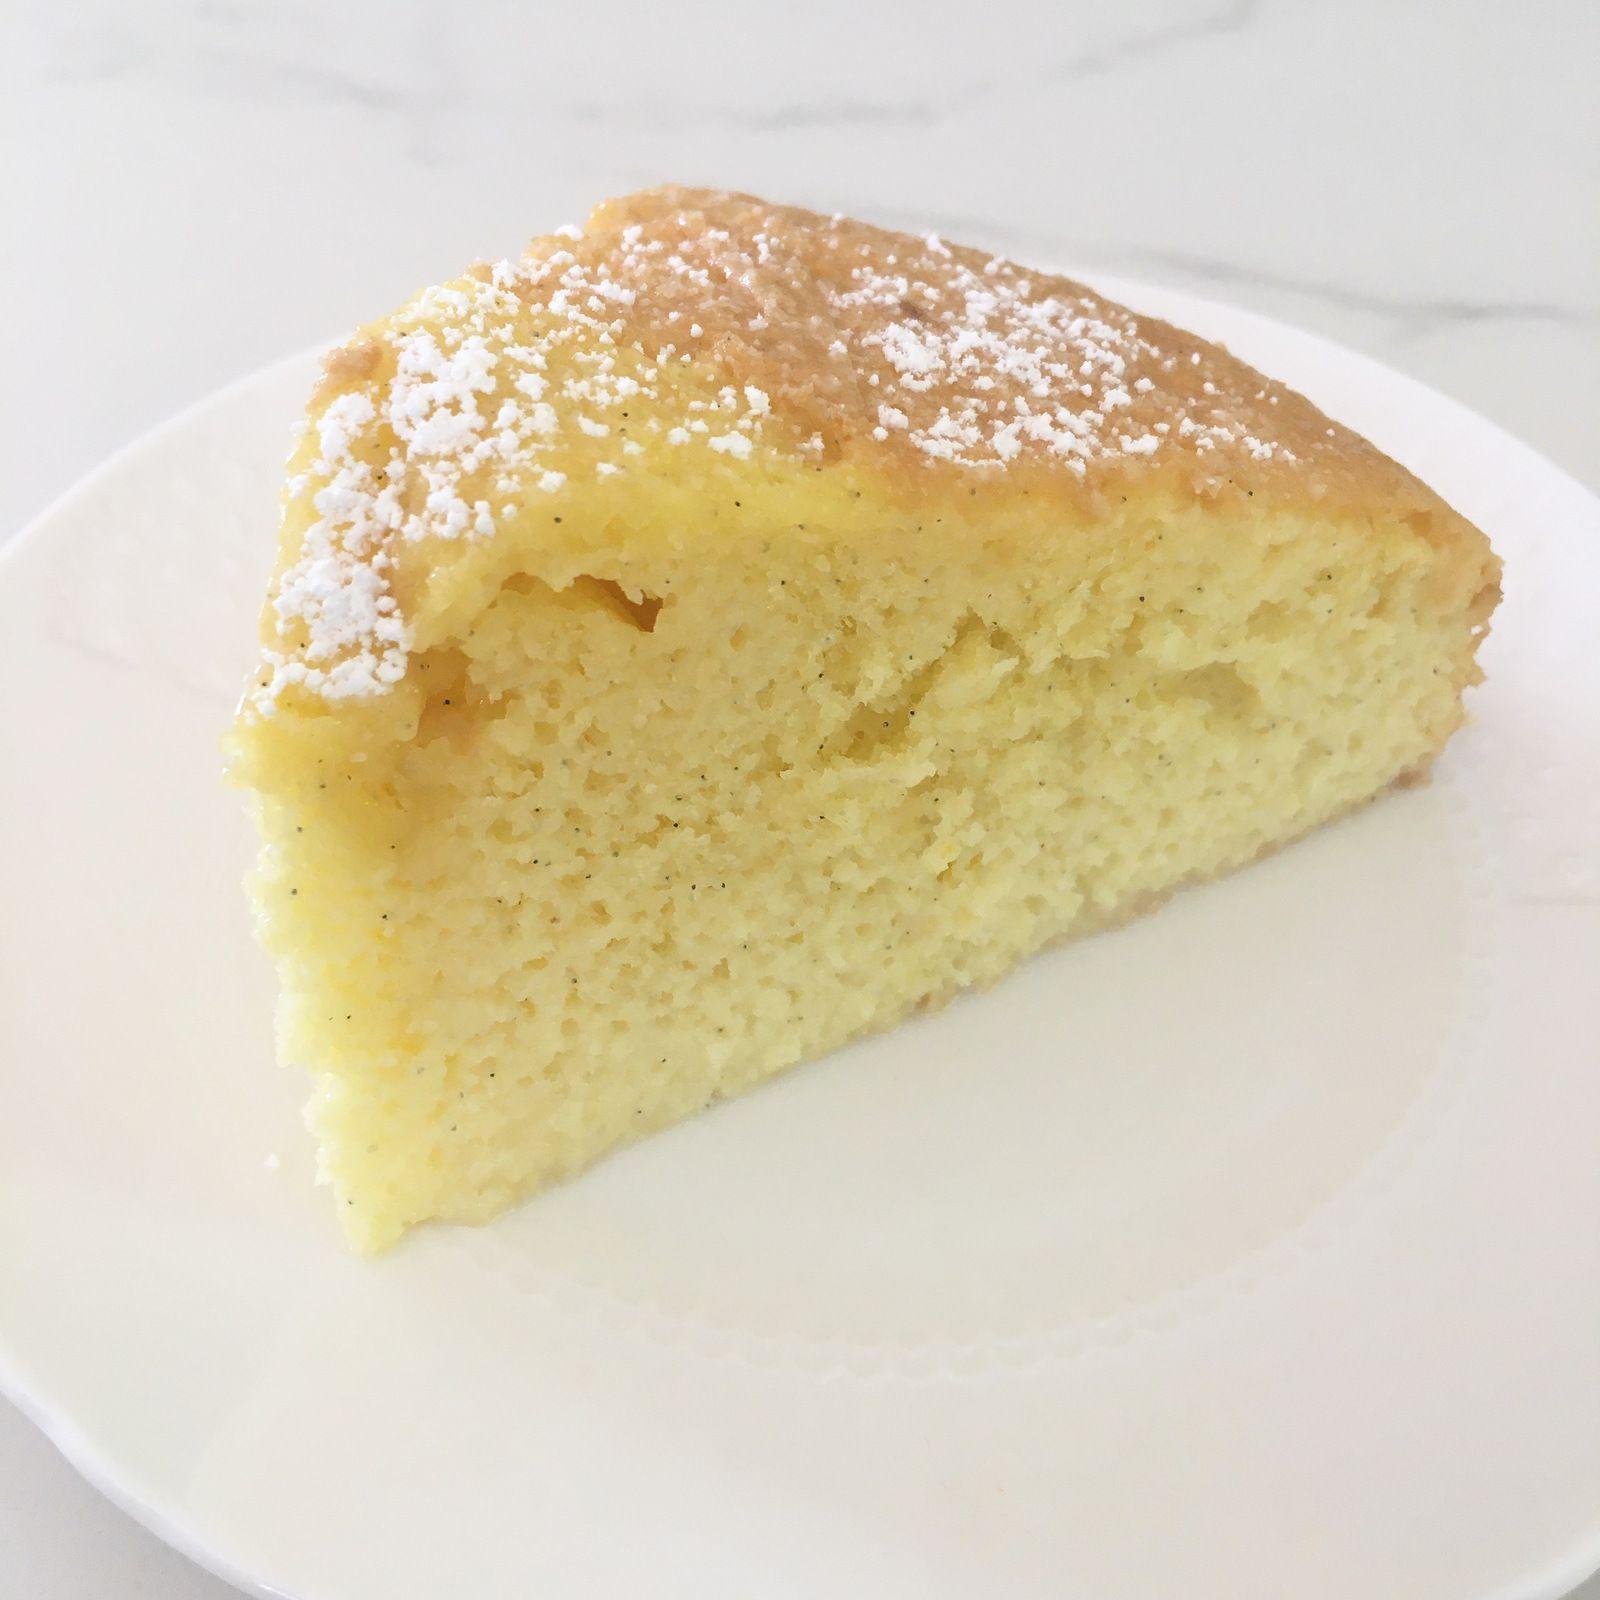 Gâteau imbibé à la vanille (gâteau aux 3 laits)